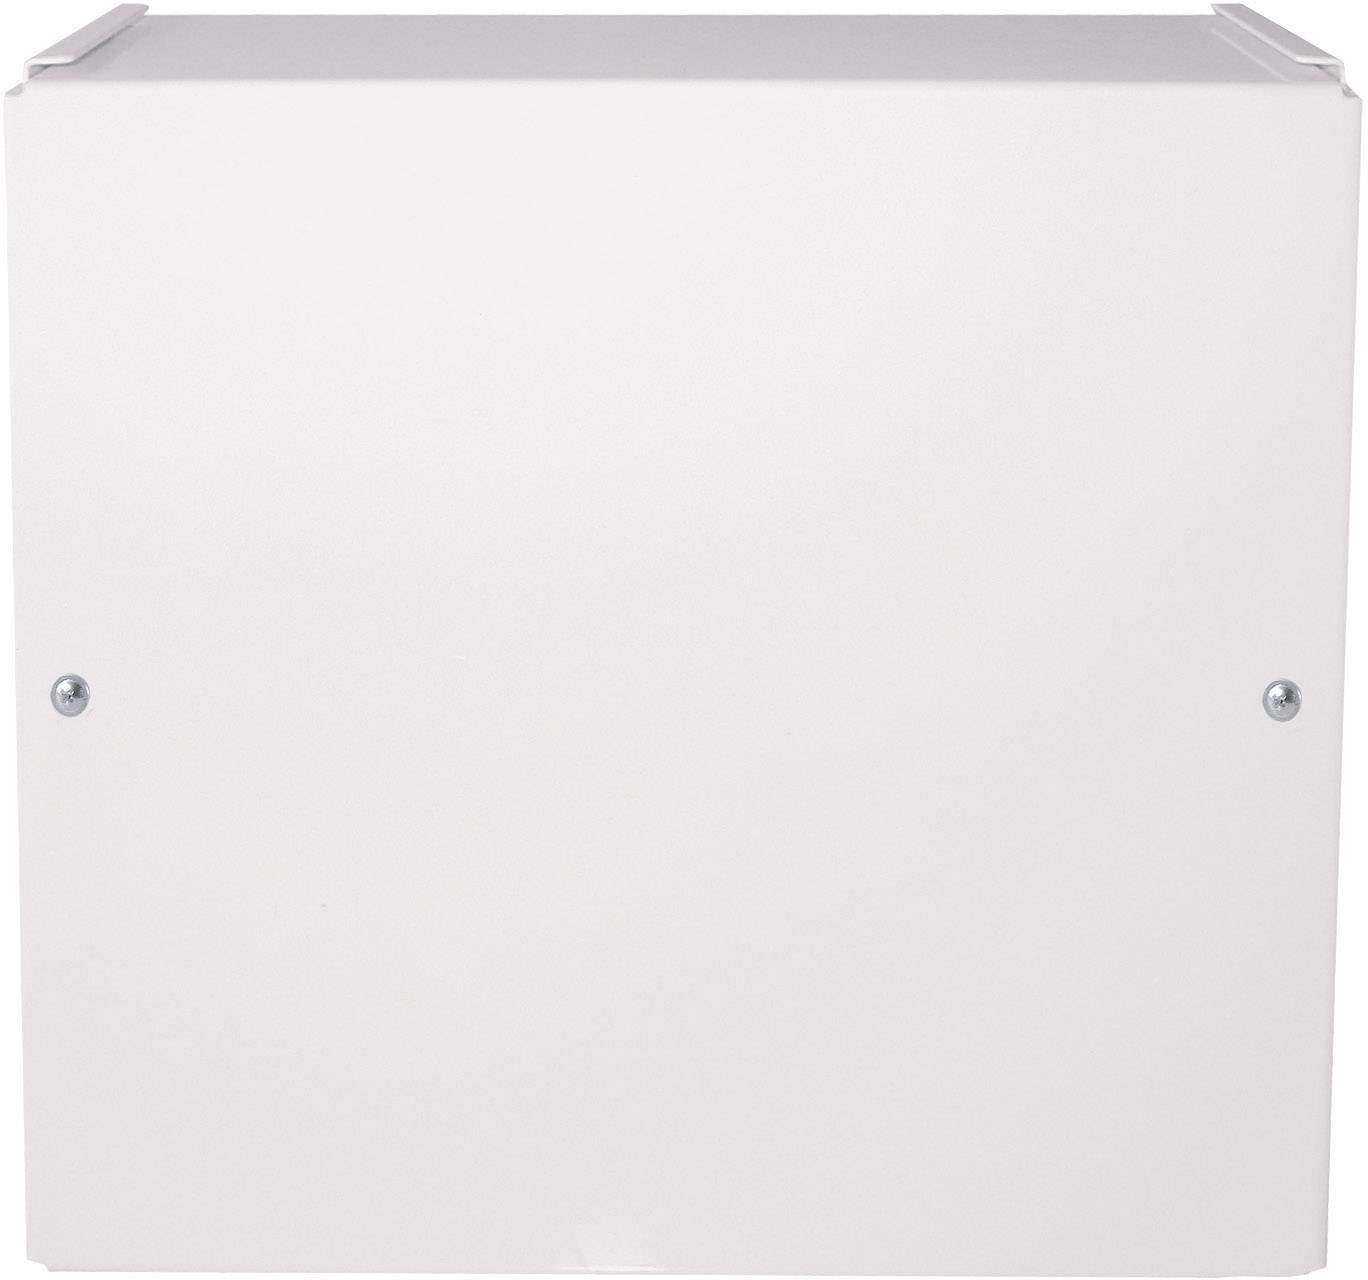 Poplašné zariadenie ABUS Terxon SX s LCD a klávesnicou, 9 zón